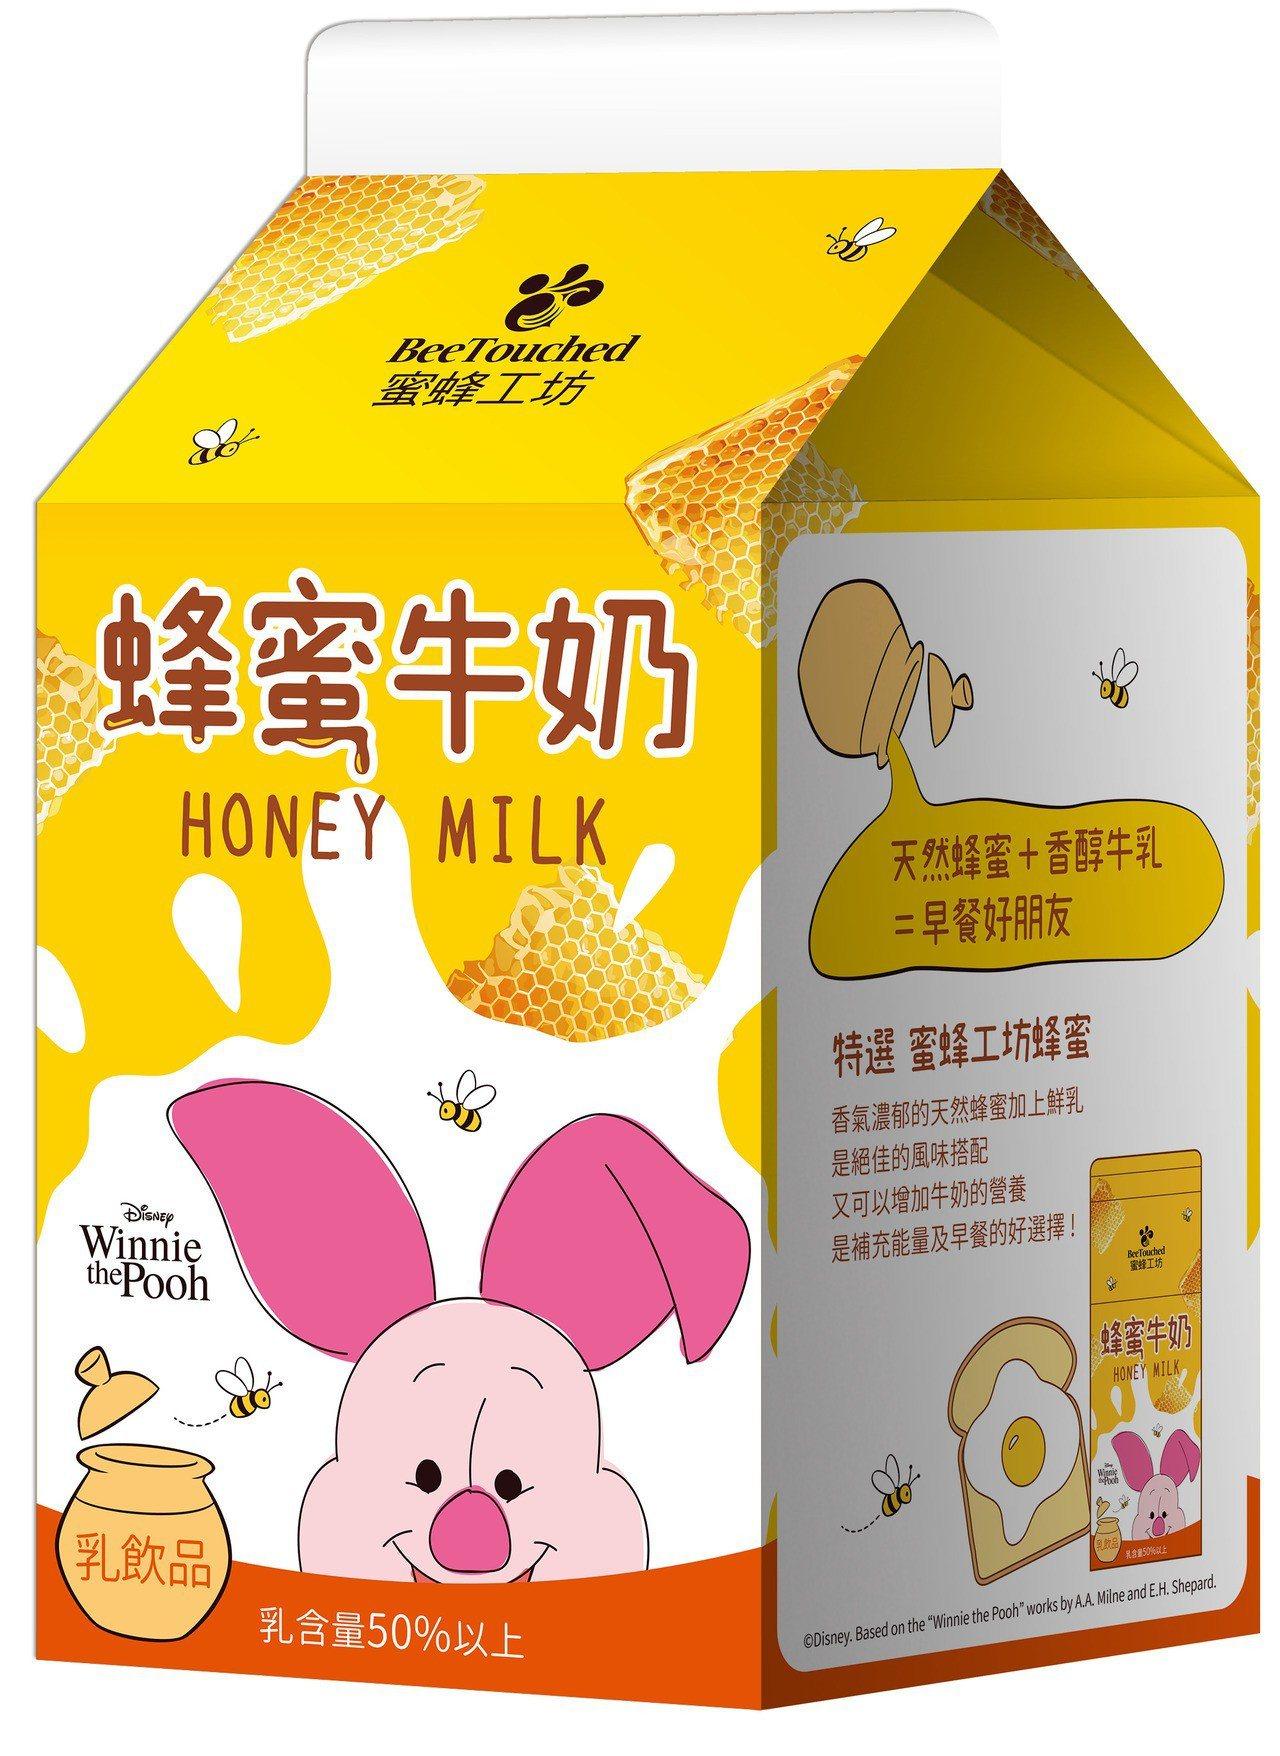 7-ELEVEN與蜜蜂工坊聯名的「蜜蜂工坊蜂蜜牛奶」小豬款,售價35元。圖/7-...